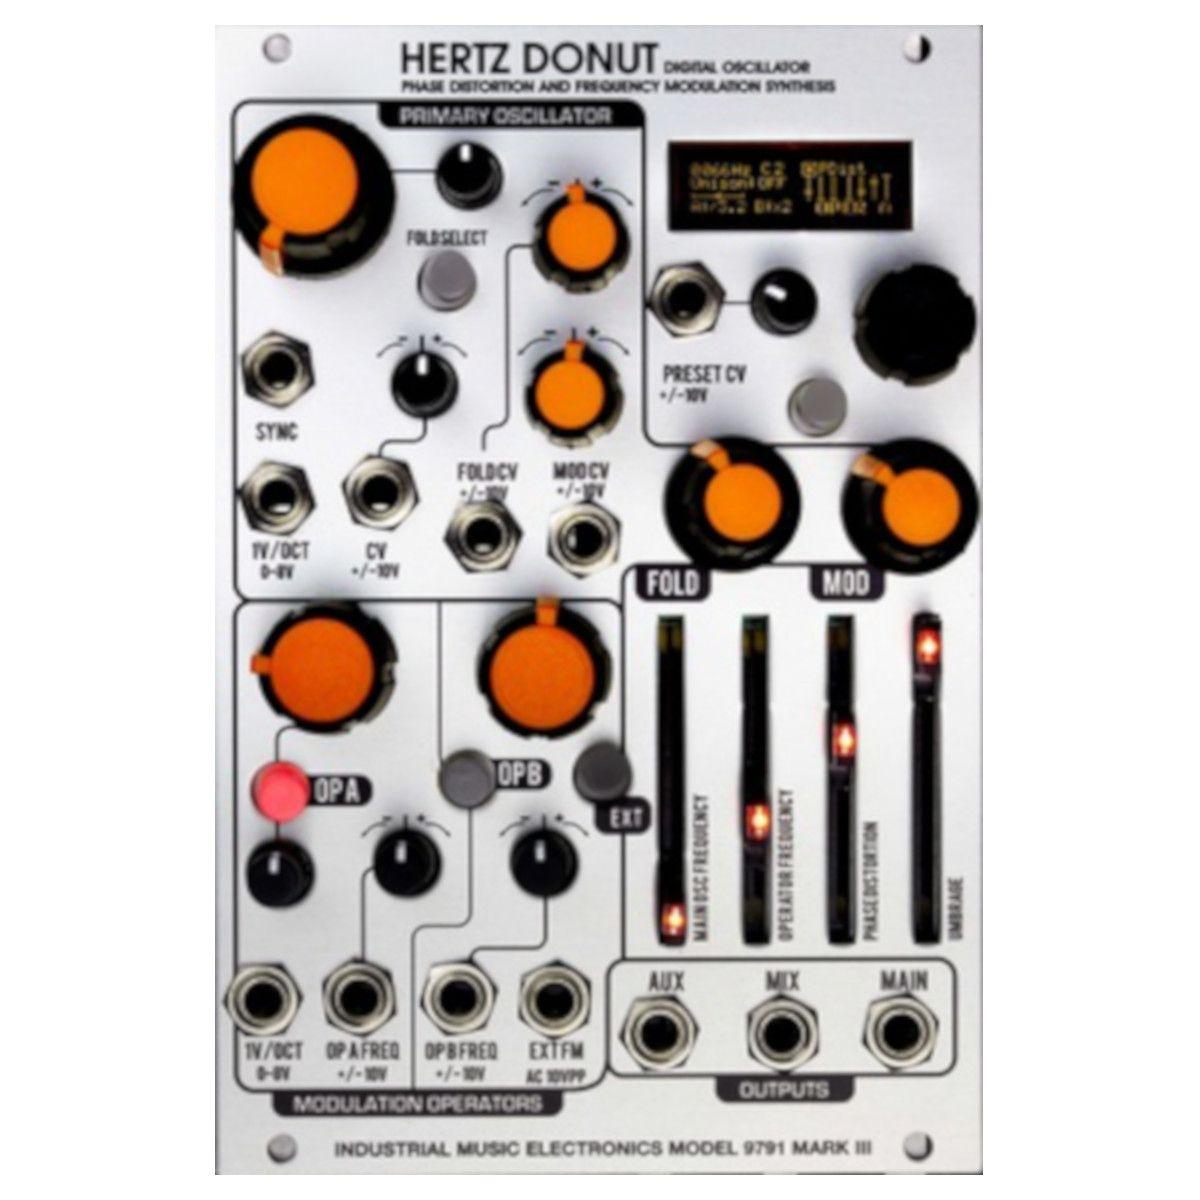 Industrial Music Electronics Hertz Donut MK3 Eurorack Oscillator Module